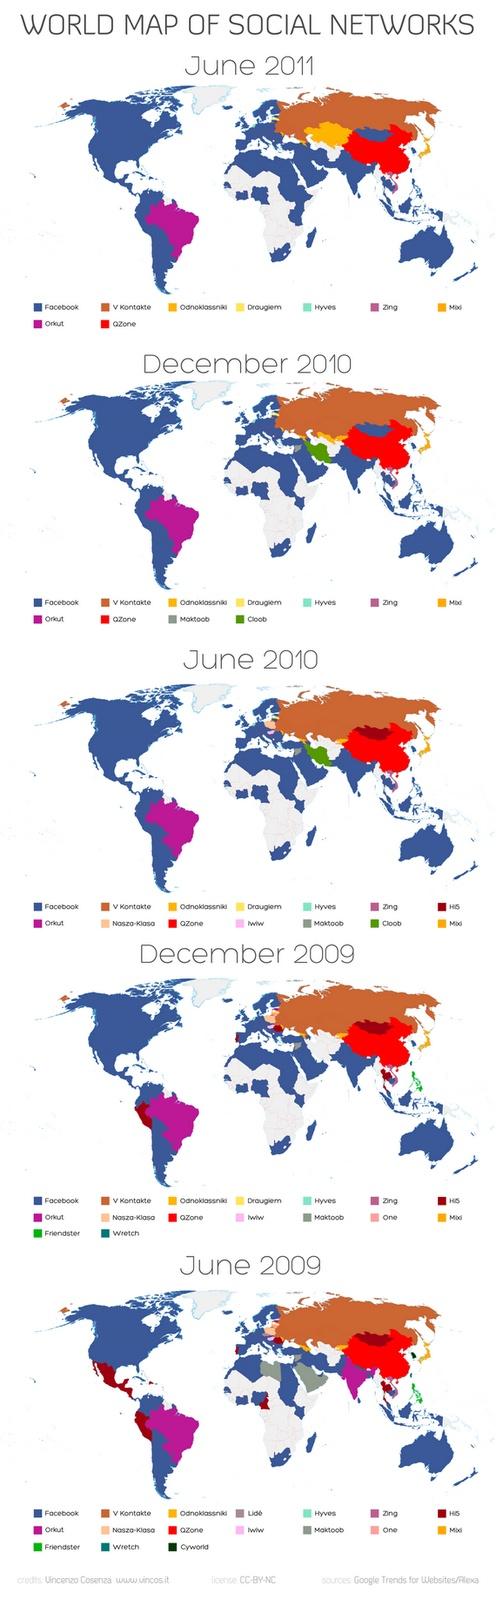 Mapa Mundial de redes sociales, el avance de Facebook - via Pizcos.net  #fb